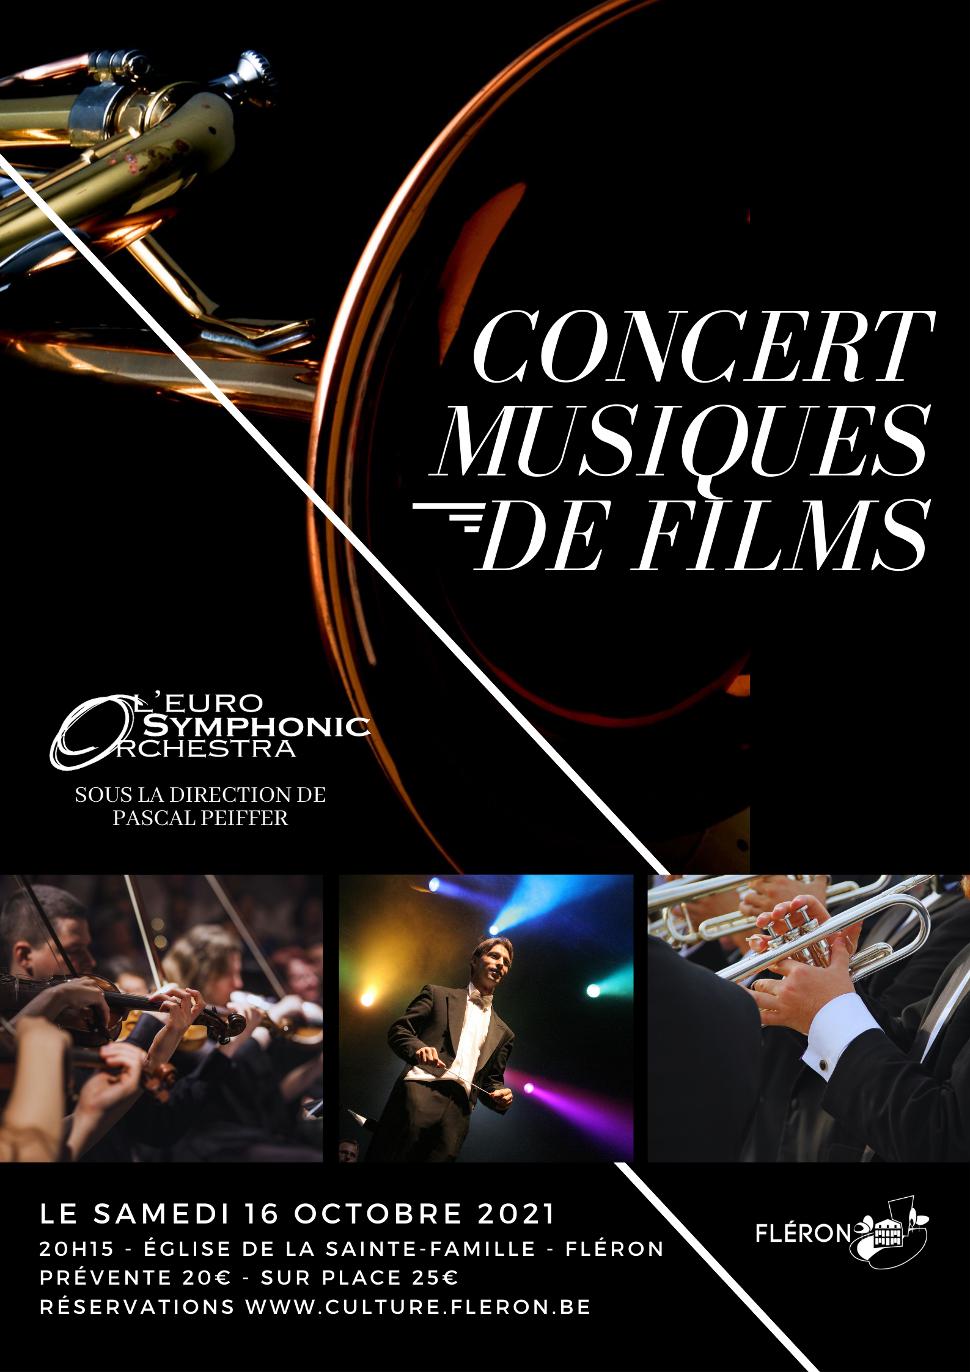 Concert Musiques de films